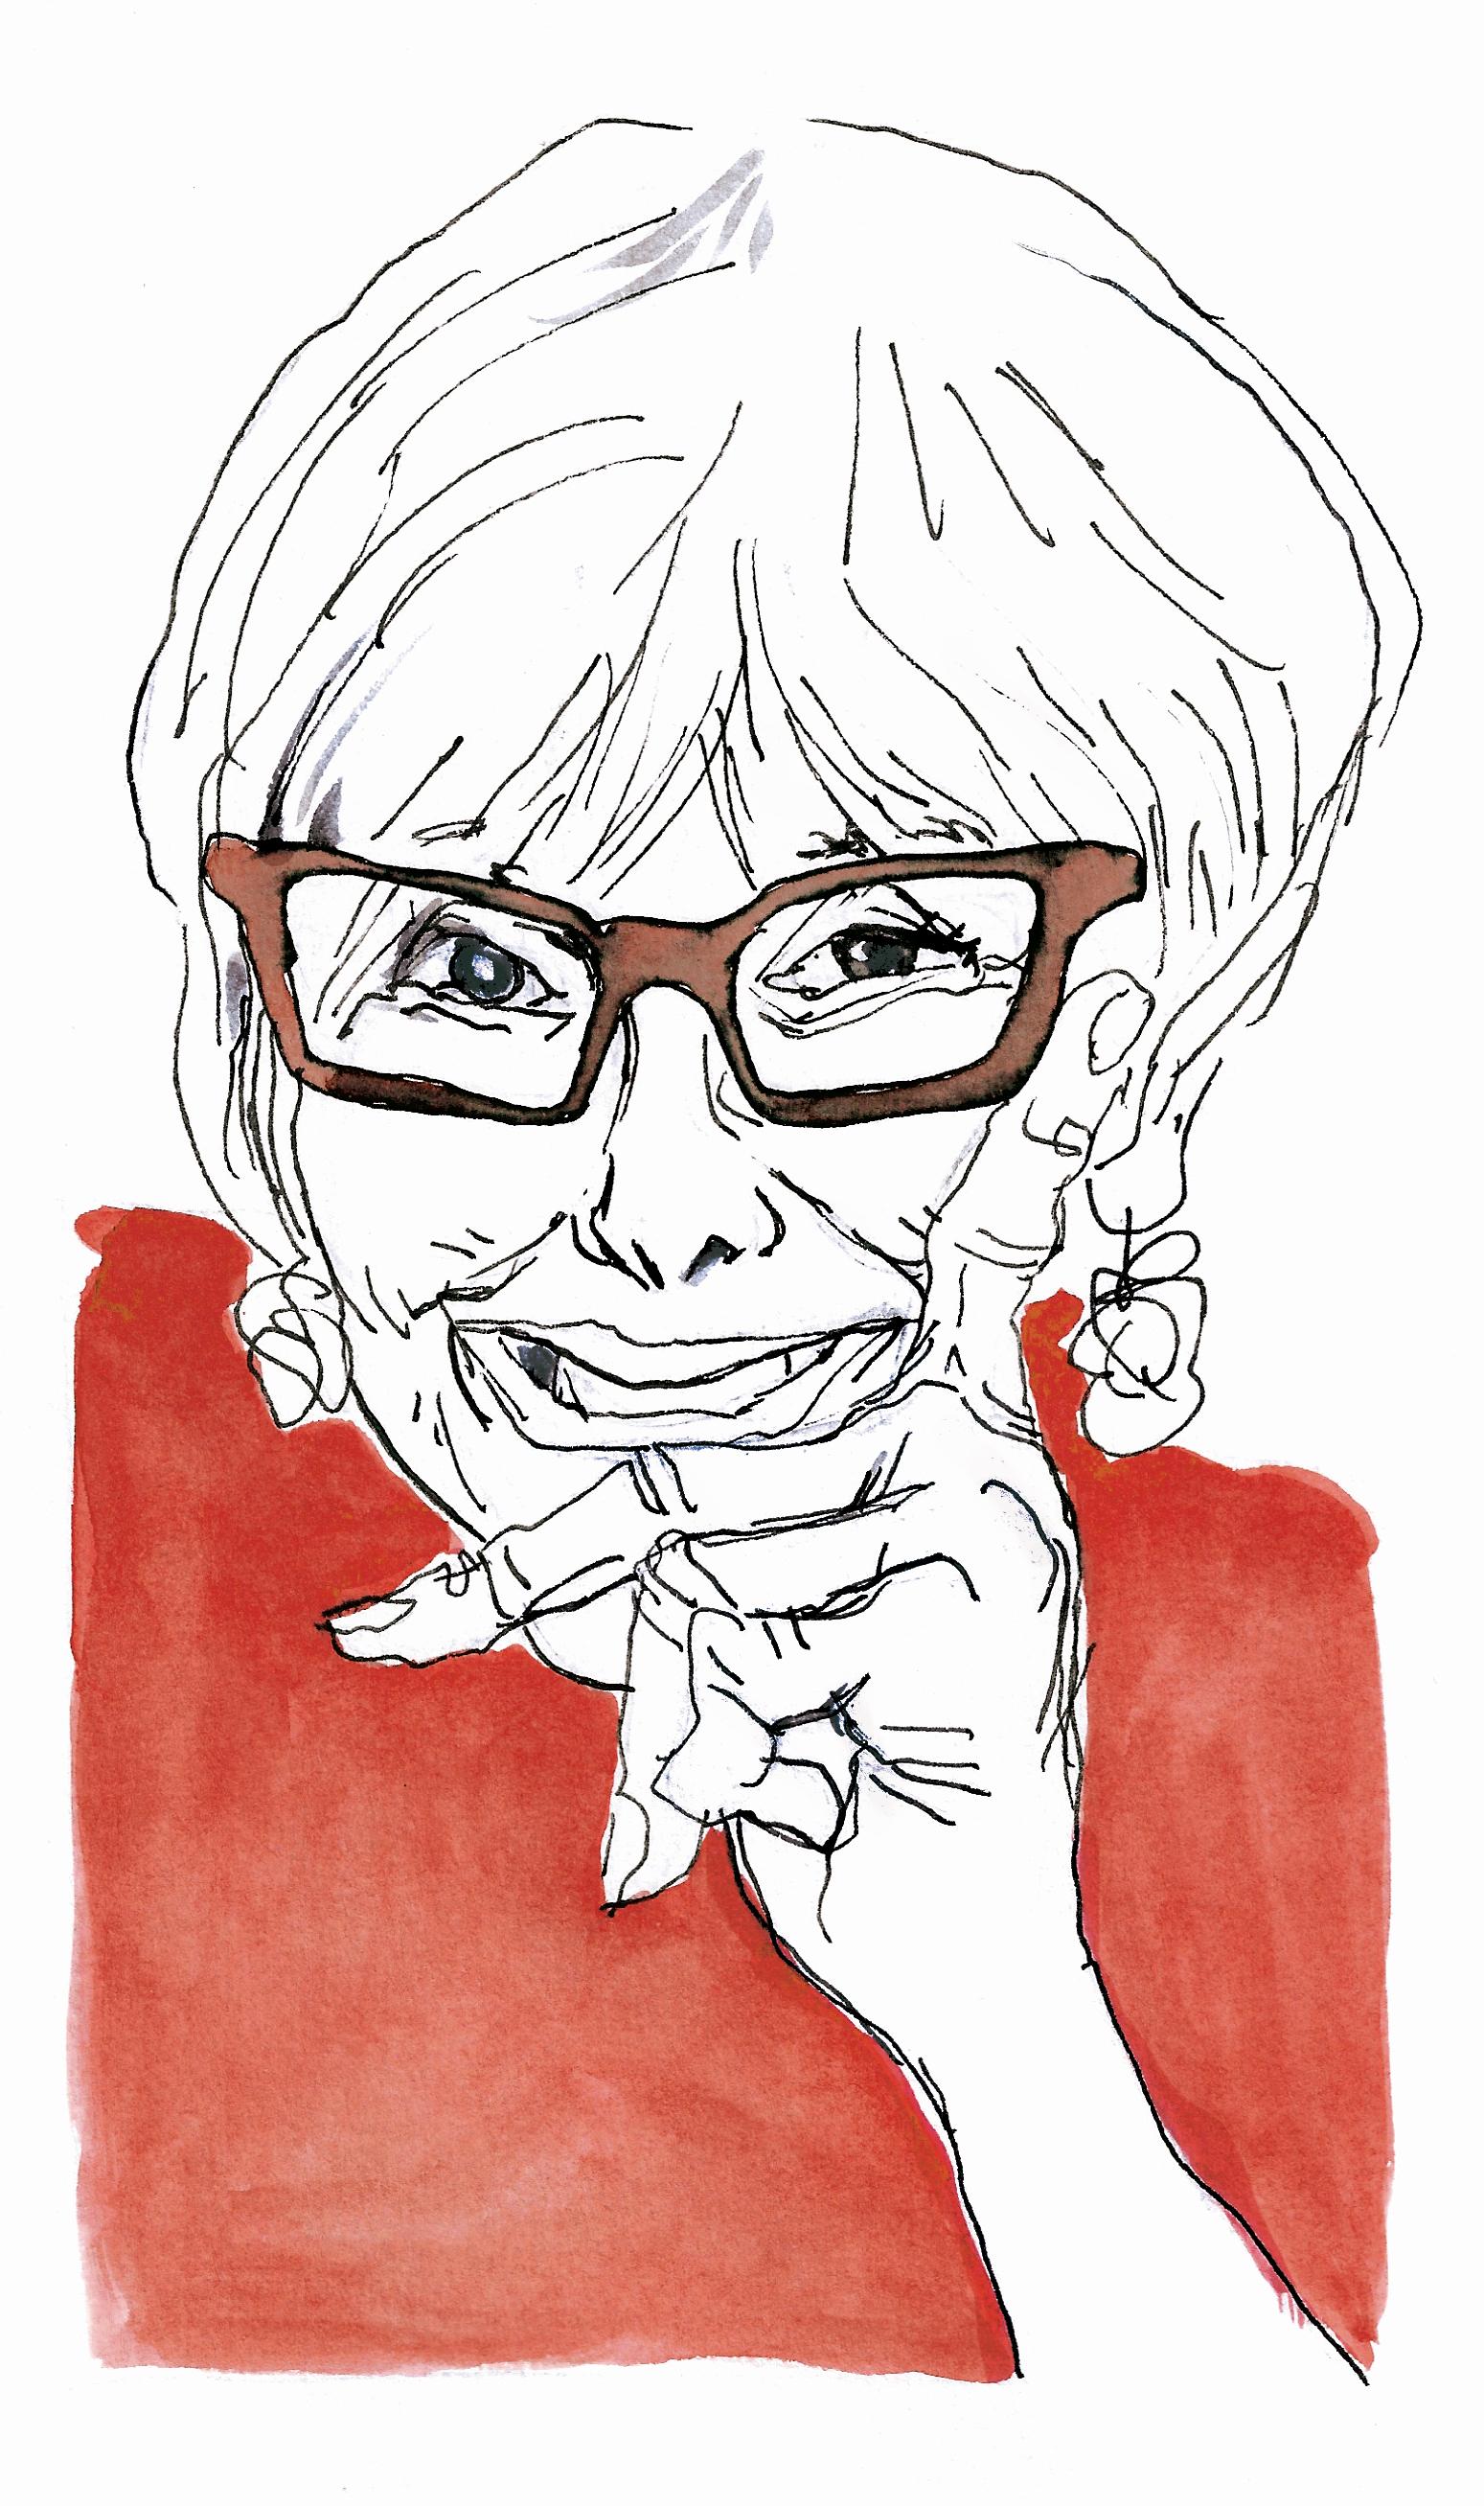 sandydecrescent_illustration GianMariaCaschetto.jpg